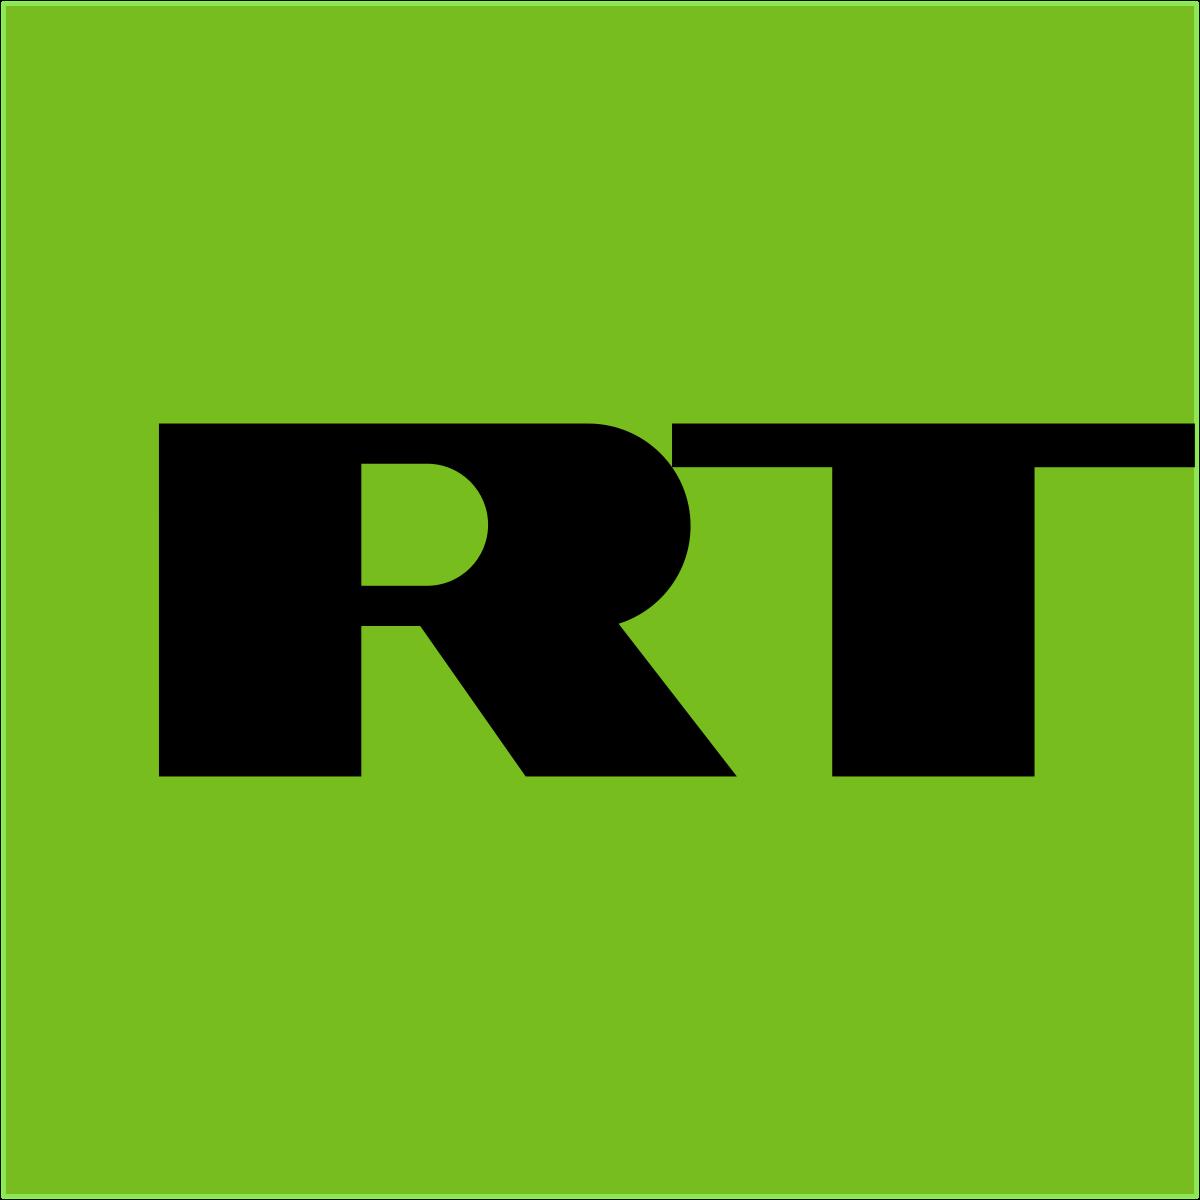 Российский медиахолдинг рбк. досье -  биографии и справки - тасс